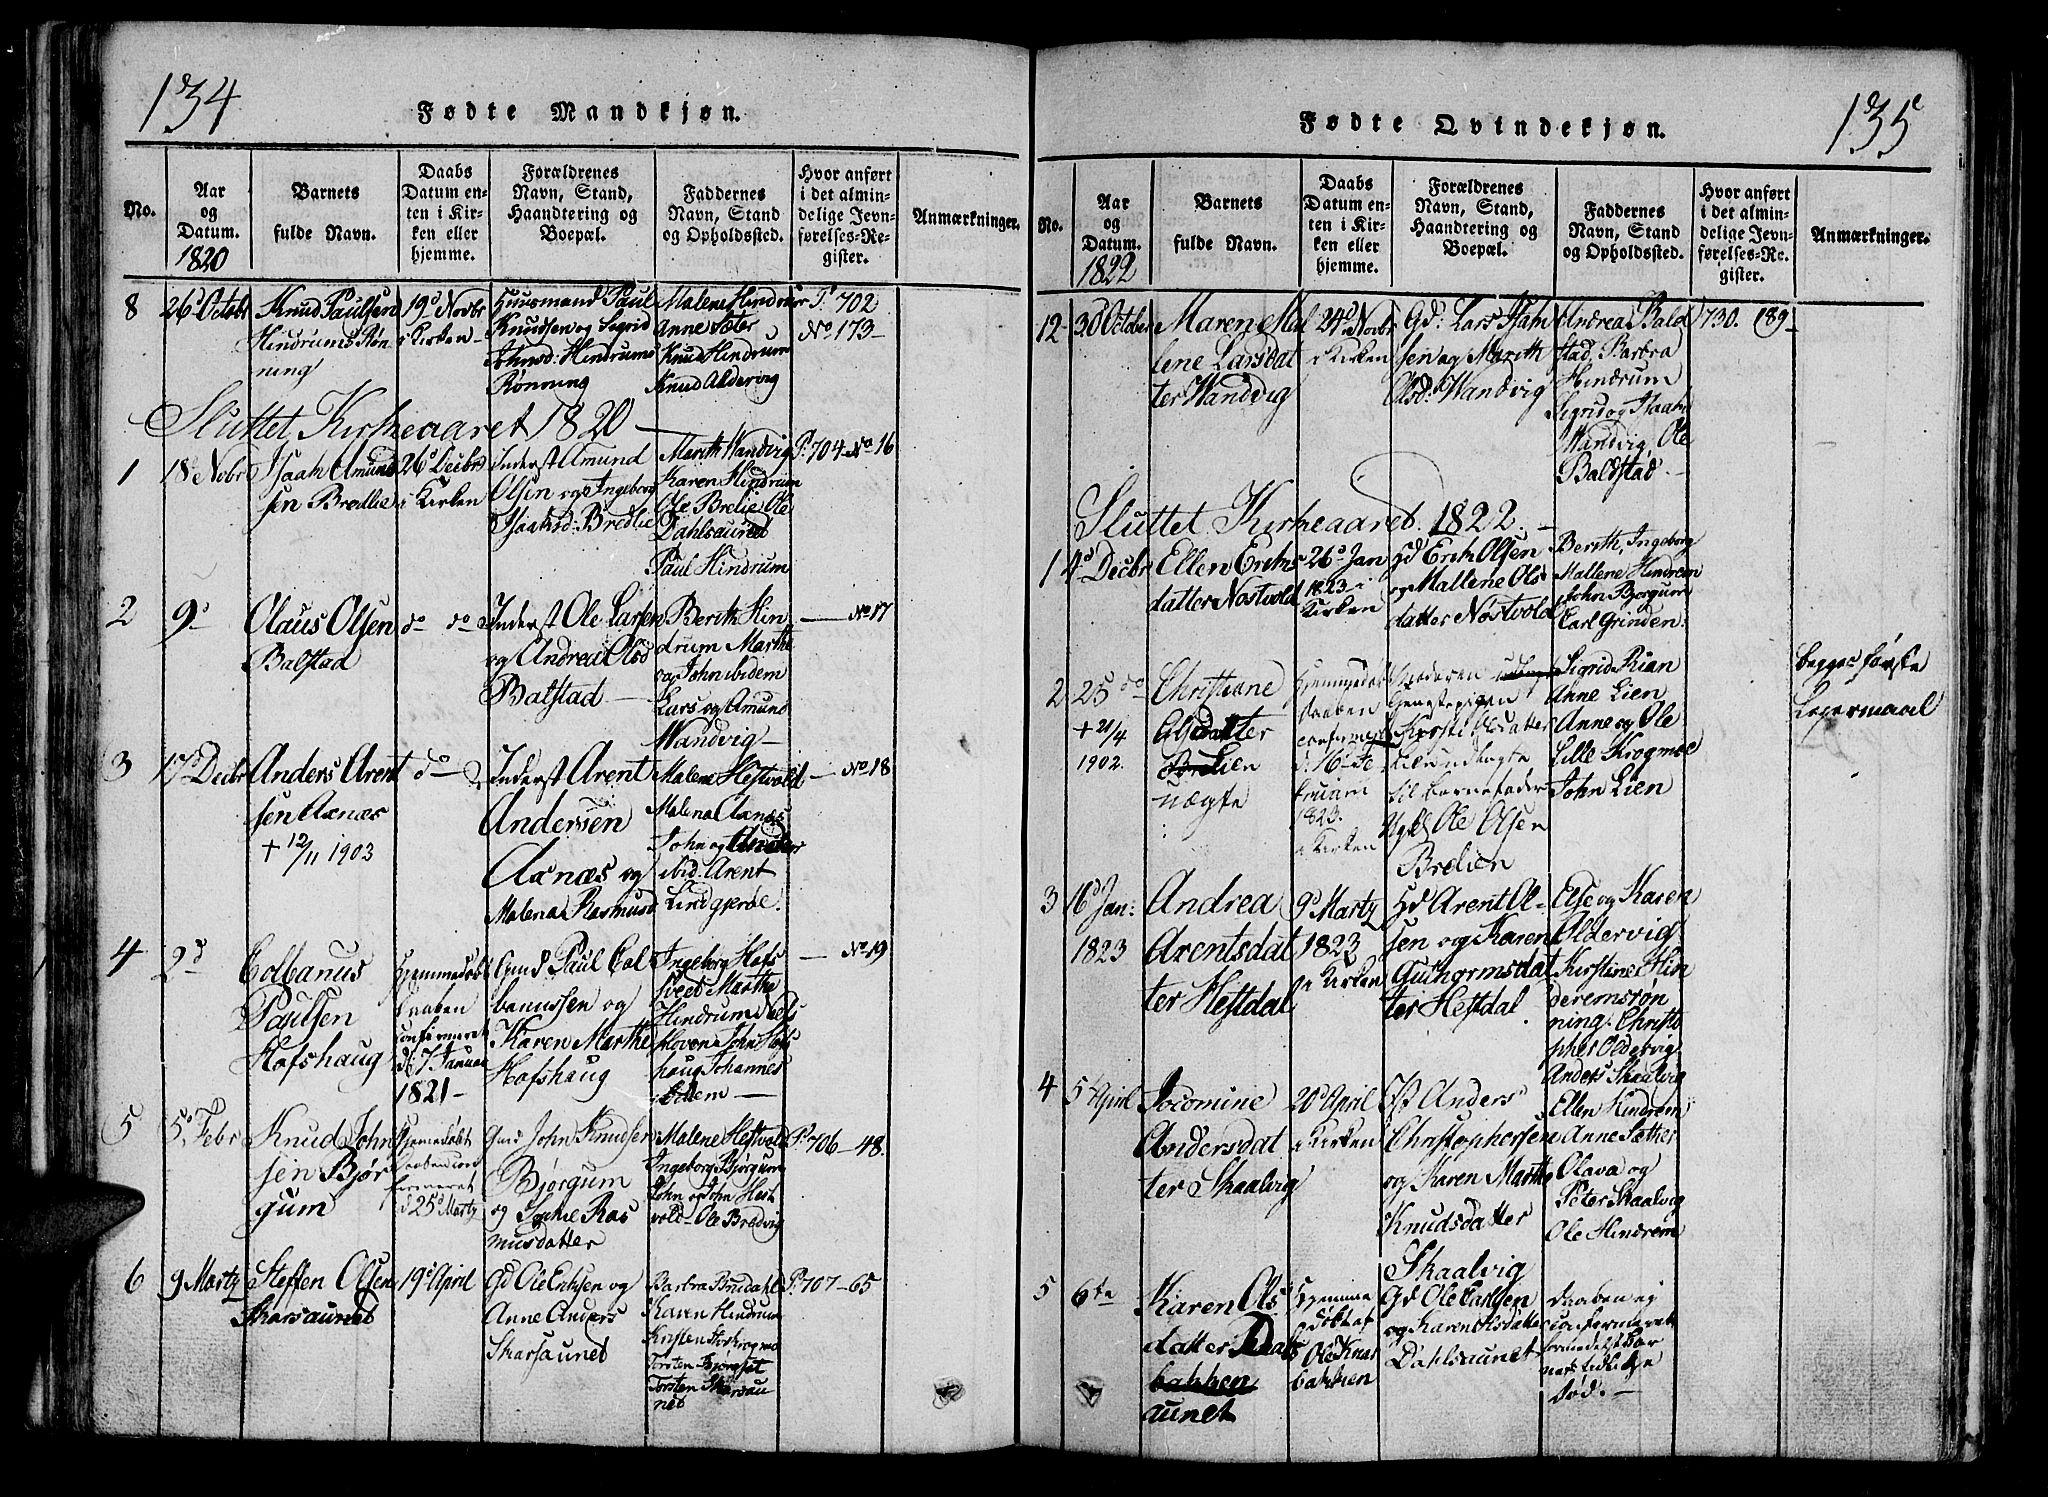 SAT, Ministerialprotokoller, klokkerbøker og fødselsregistre - Nord-Trøndelag, 701/L0005: Ministerialbok nr. 701A05 /2, 1816-1825, s. 134-135